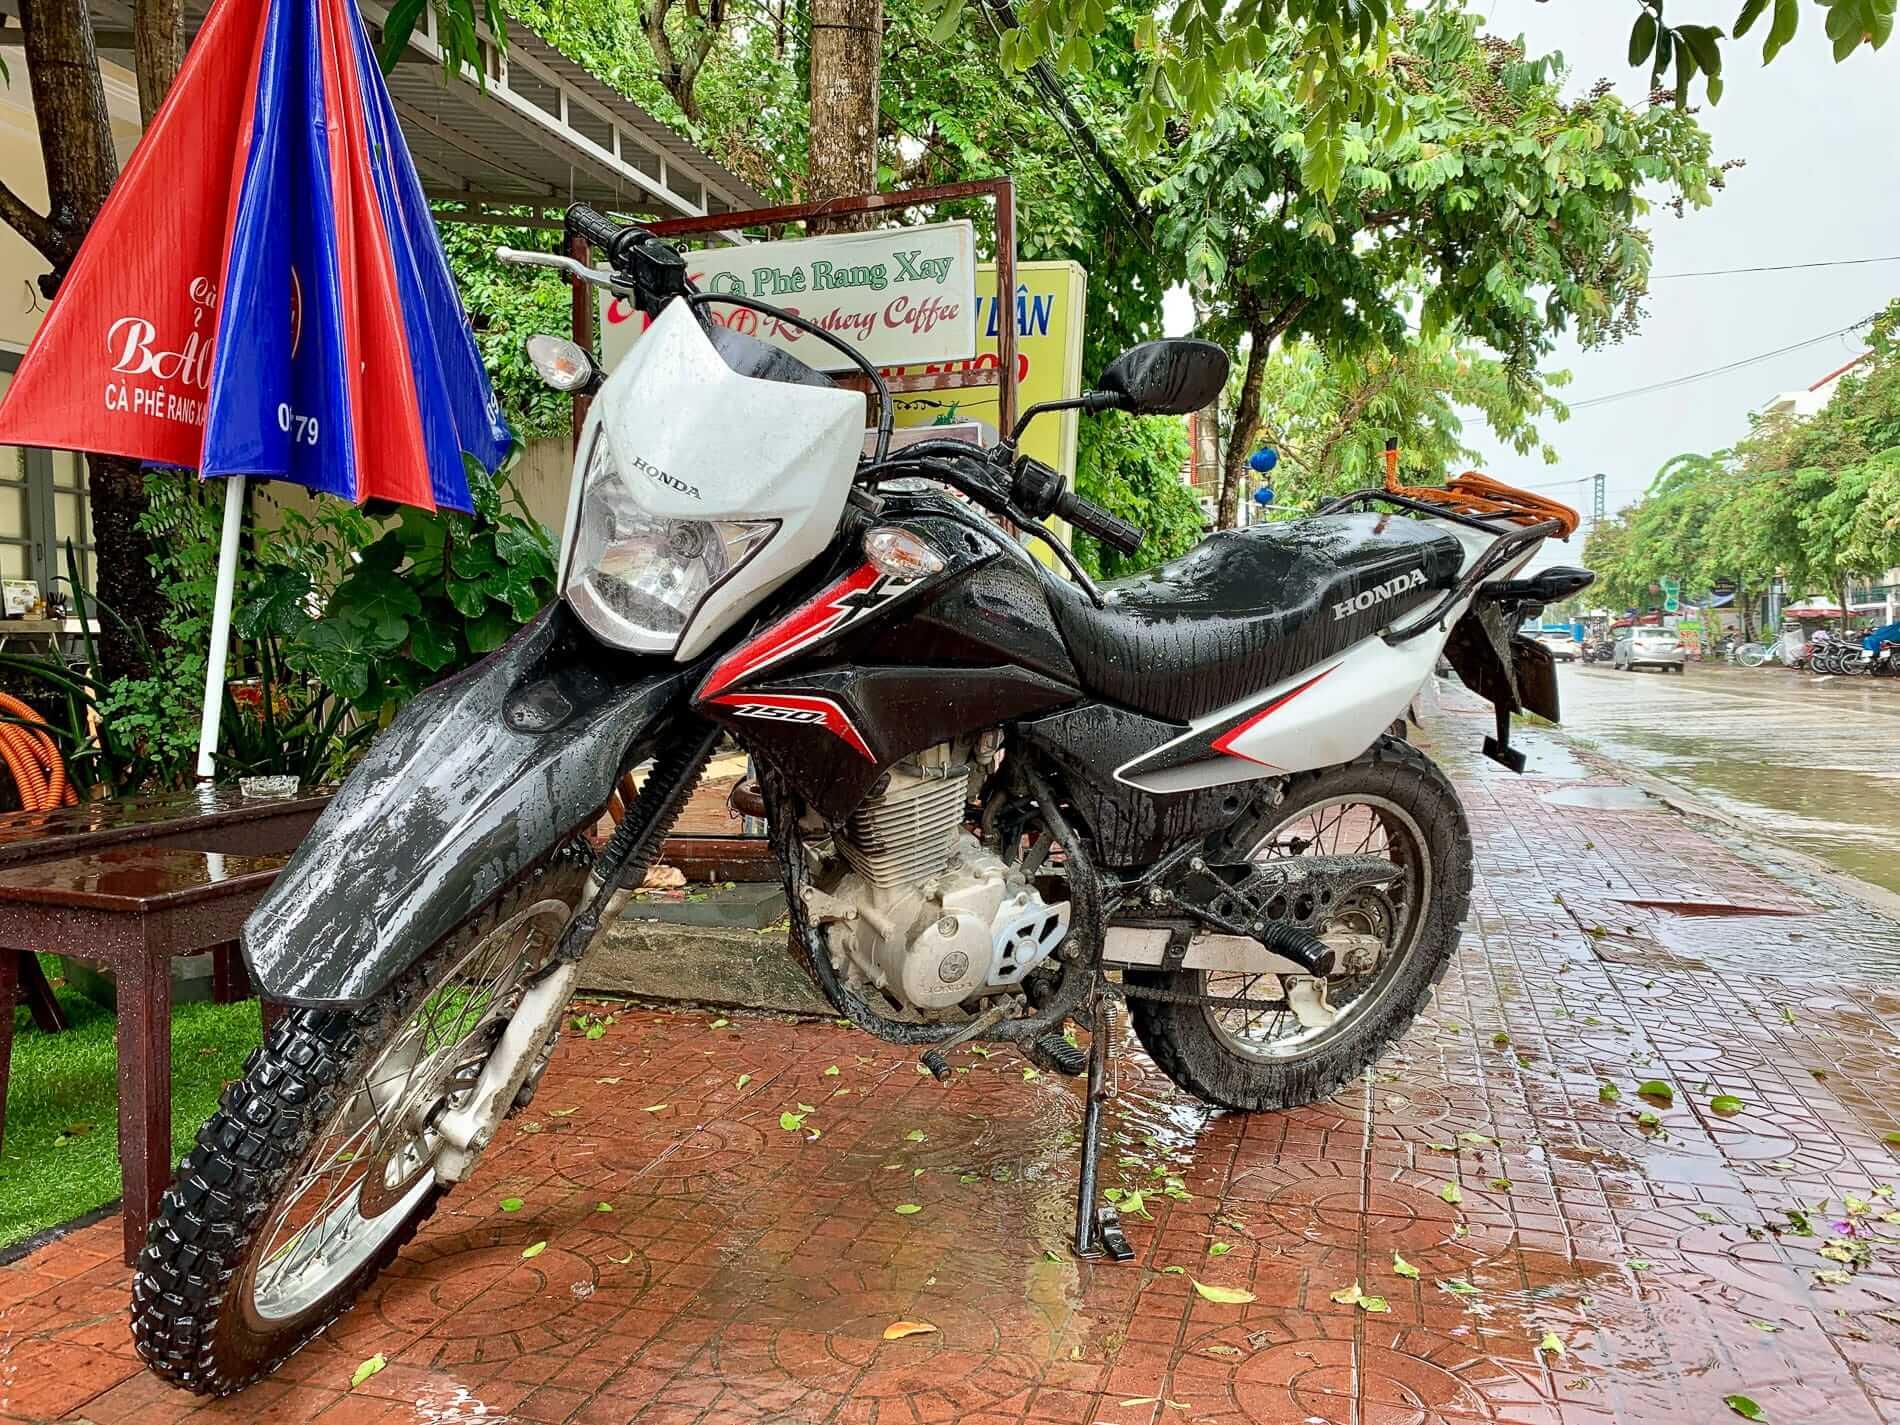 The Honda XR150